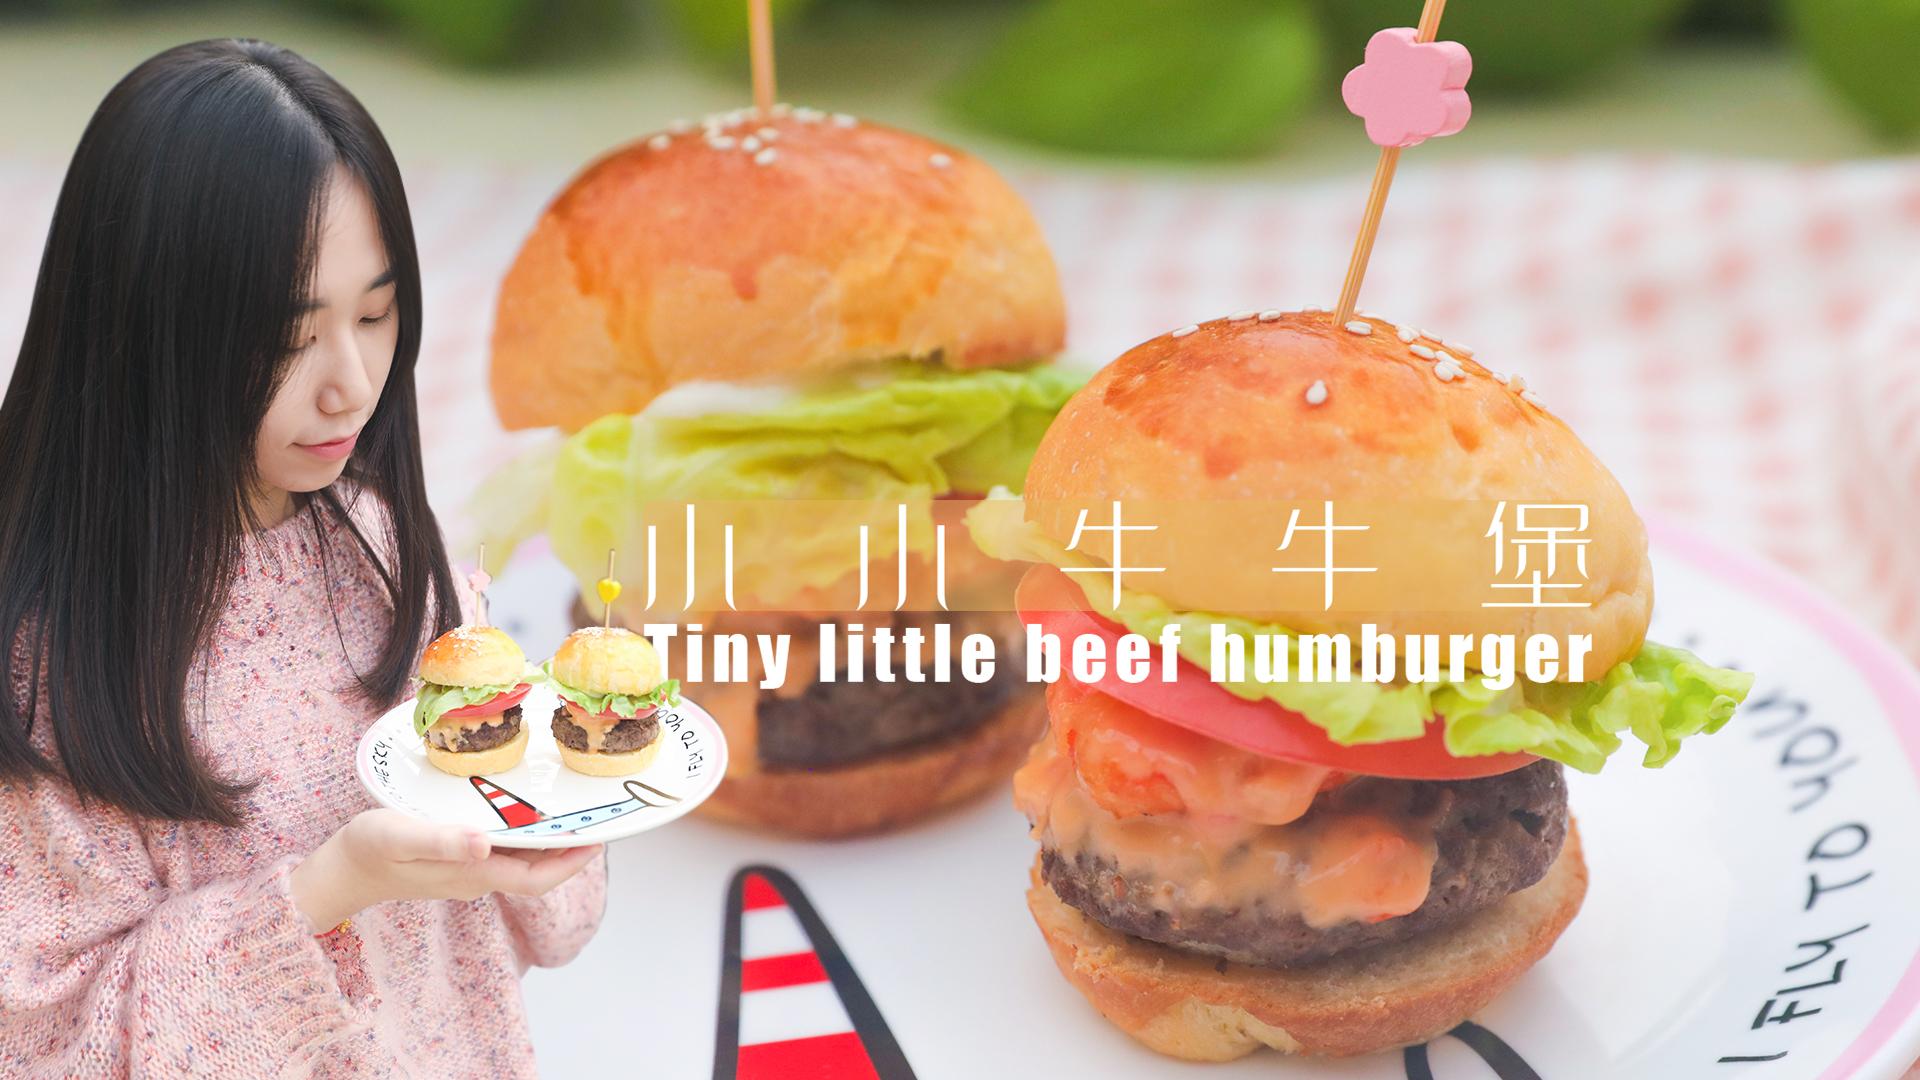 「厨娘物语」135小小牛牛堡